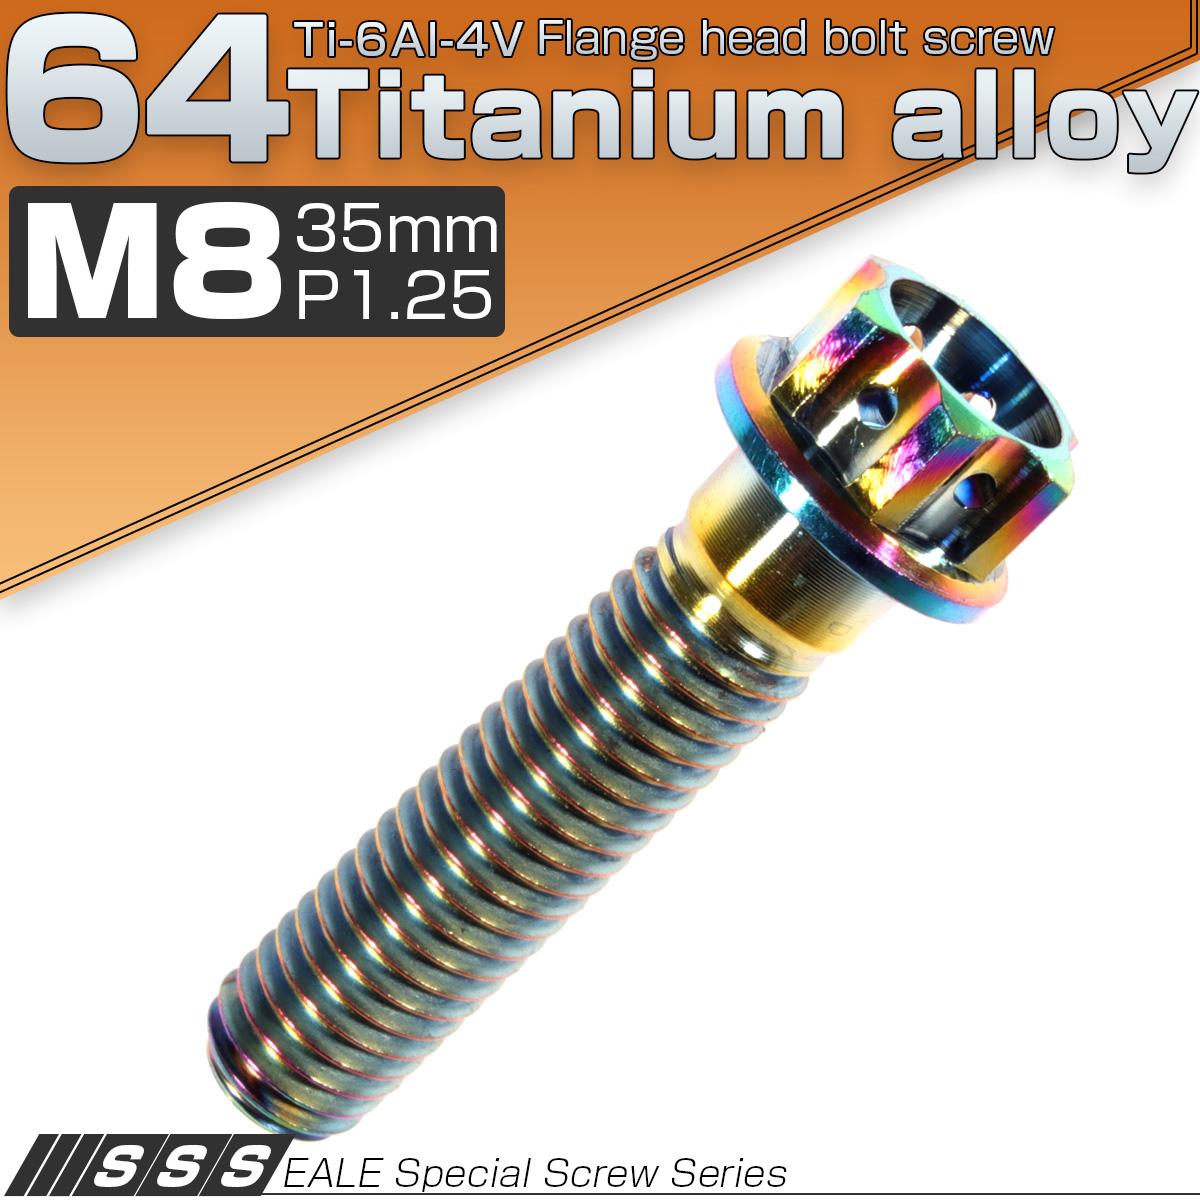 【ネコポス可】 64チタン製 M8×35mm P1.25 六角ボルト フランジ付き カッティングヘッド 焼きチタン風 虹色 Ti6AI-4V JA062